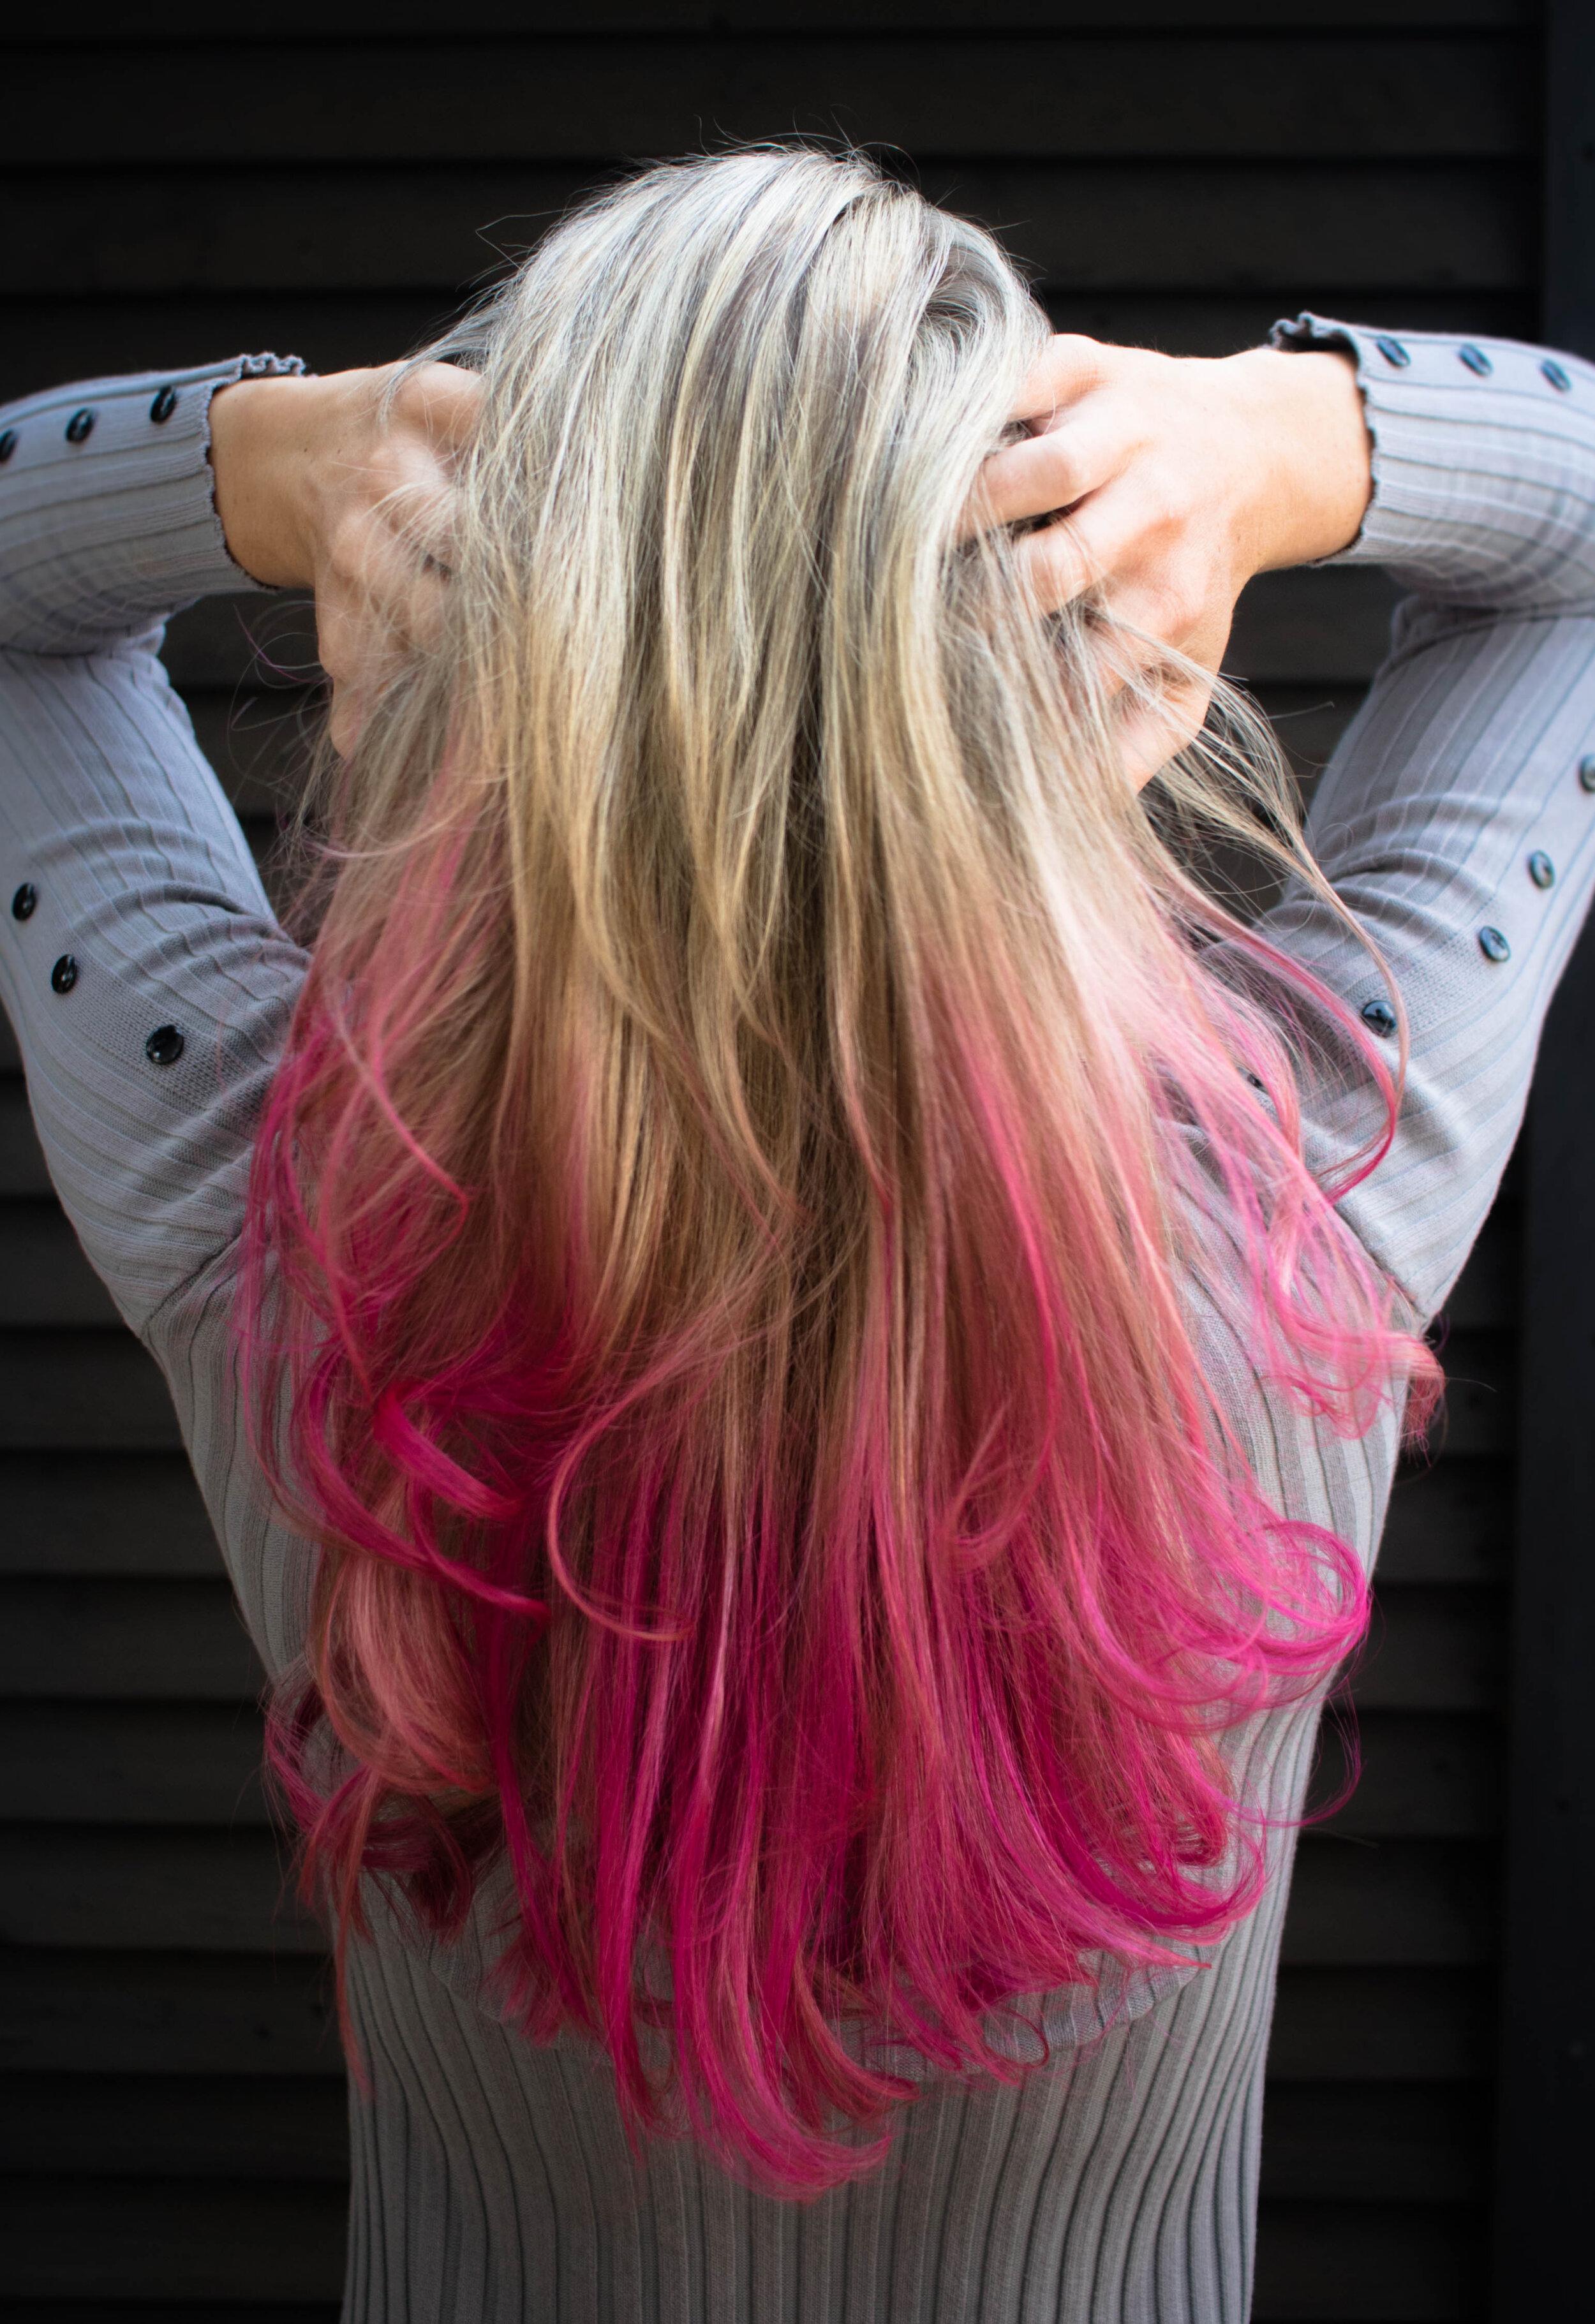 رنگ کردن مو, روش صحیح رنگ کردن مو